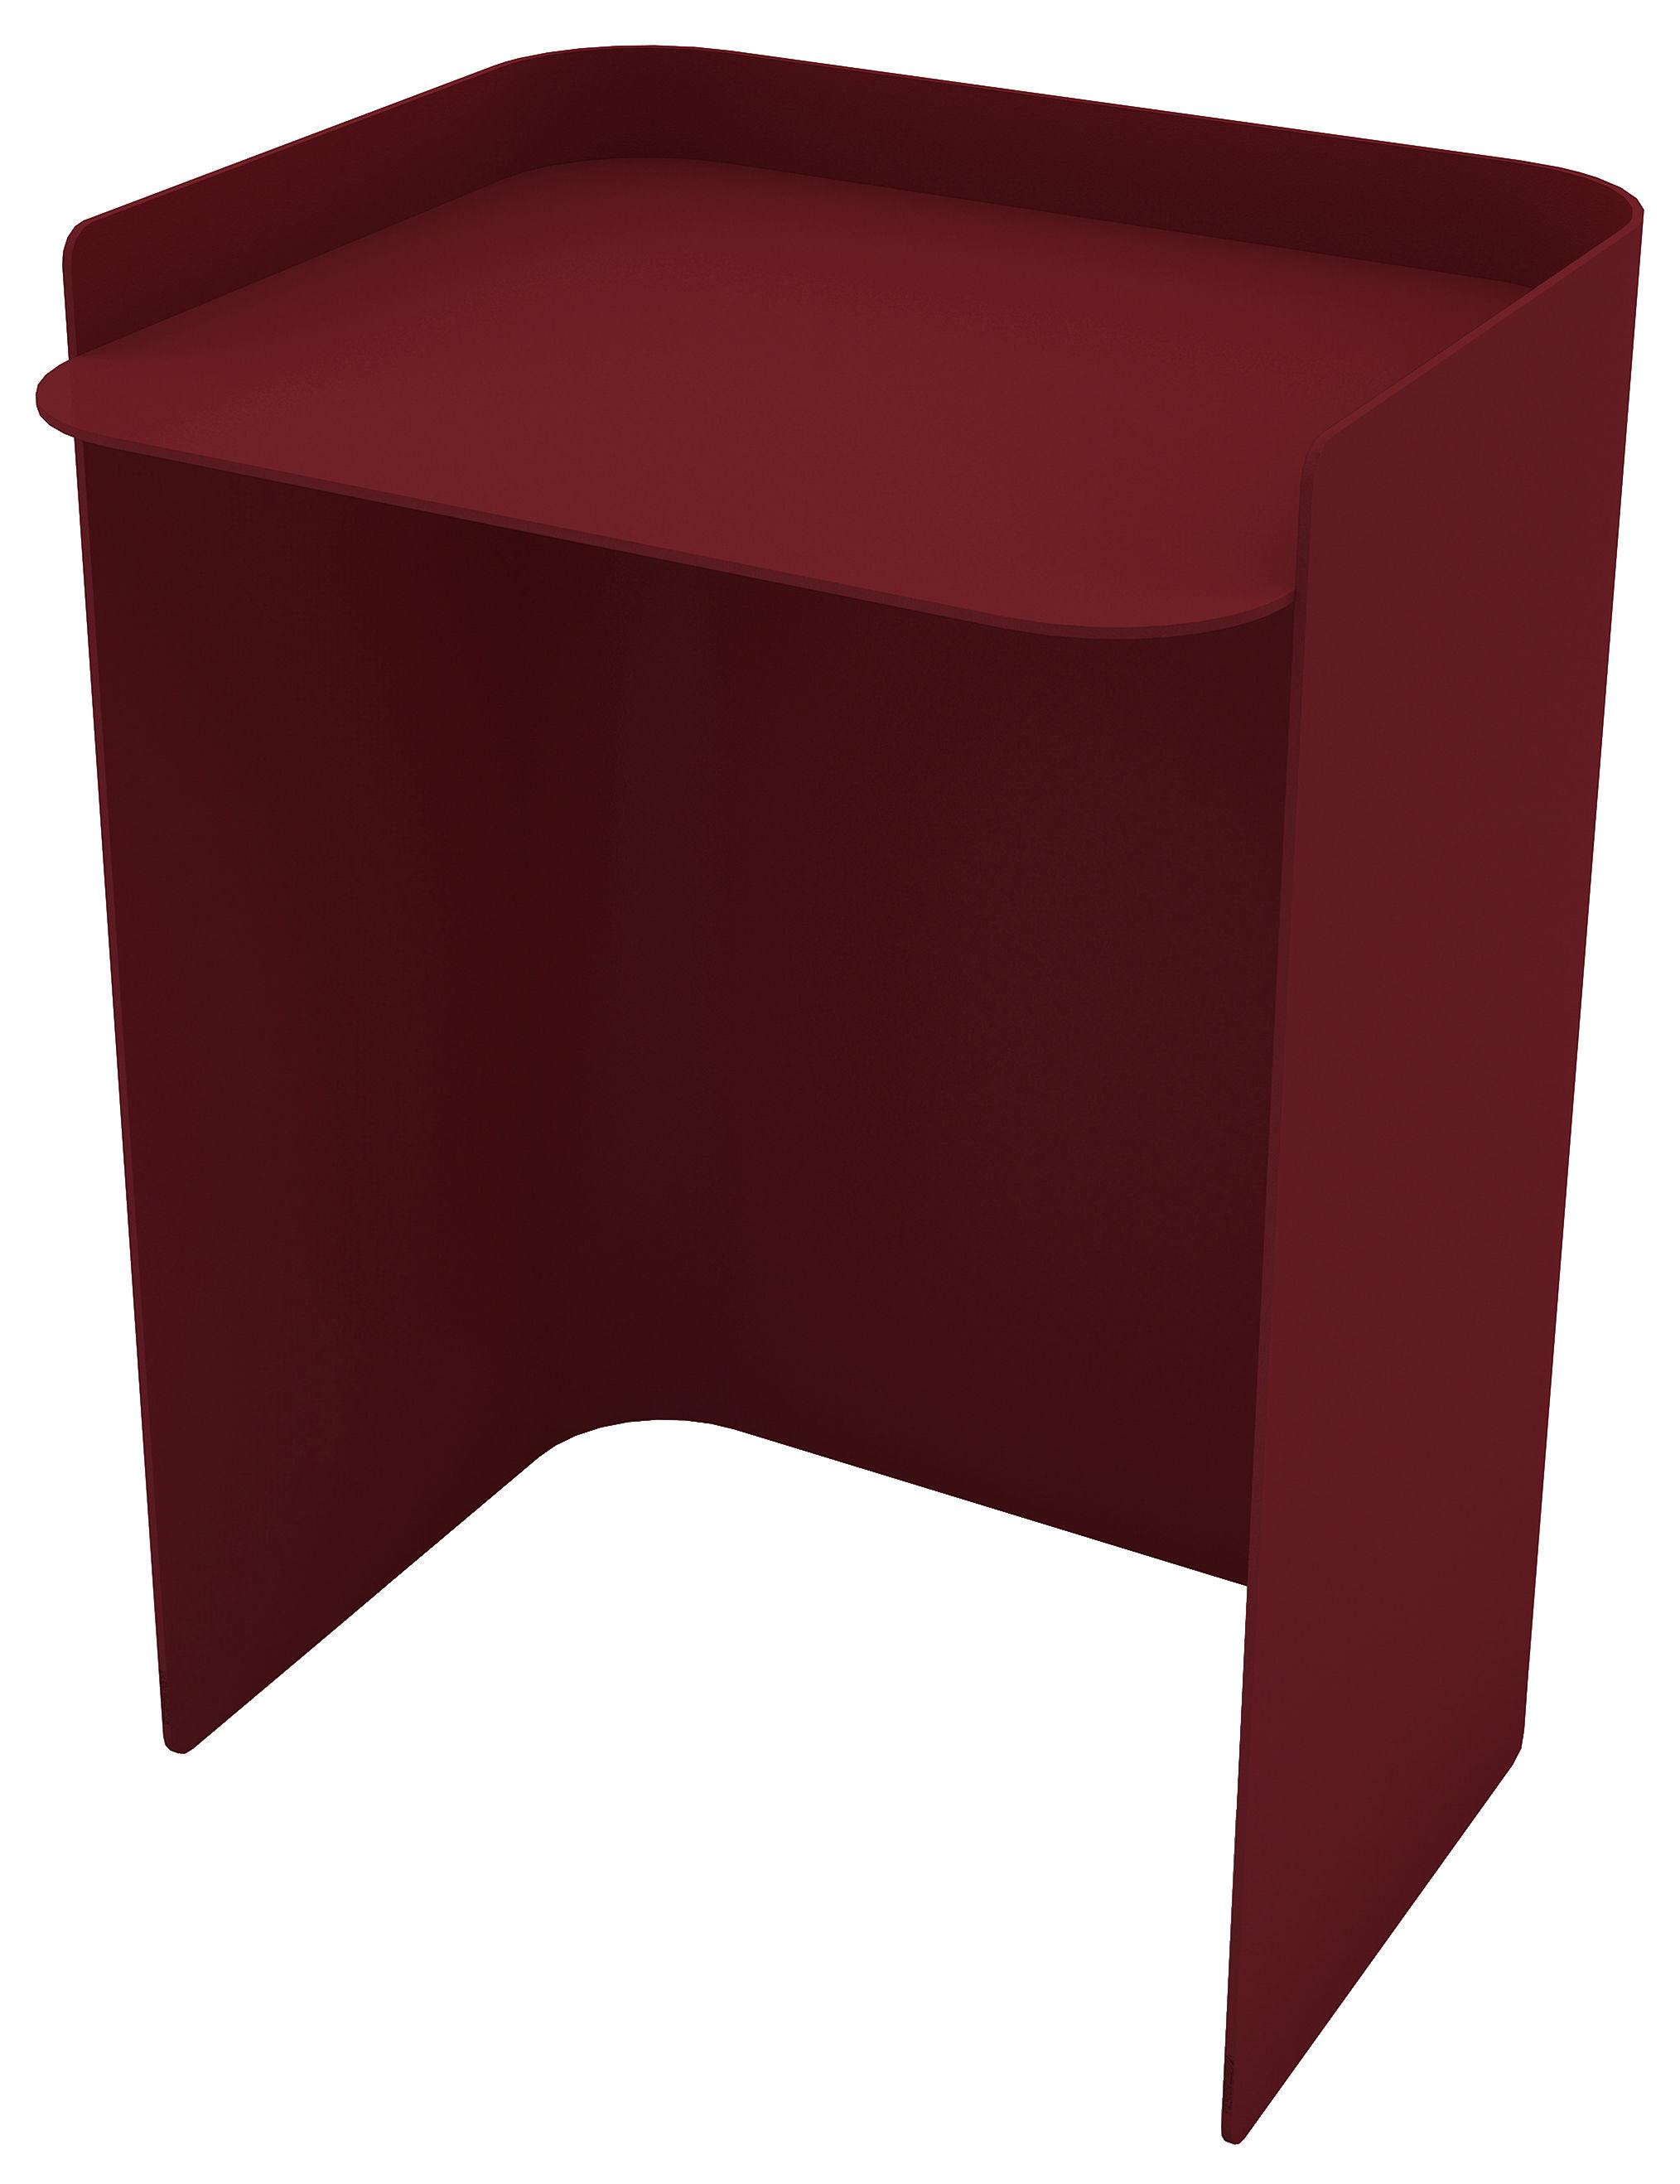 Mobilier - Tables basses - Table d'appoint Flor / Large - H 49 cm - Matière Grise - Rouge Pourpre - Acier peint